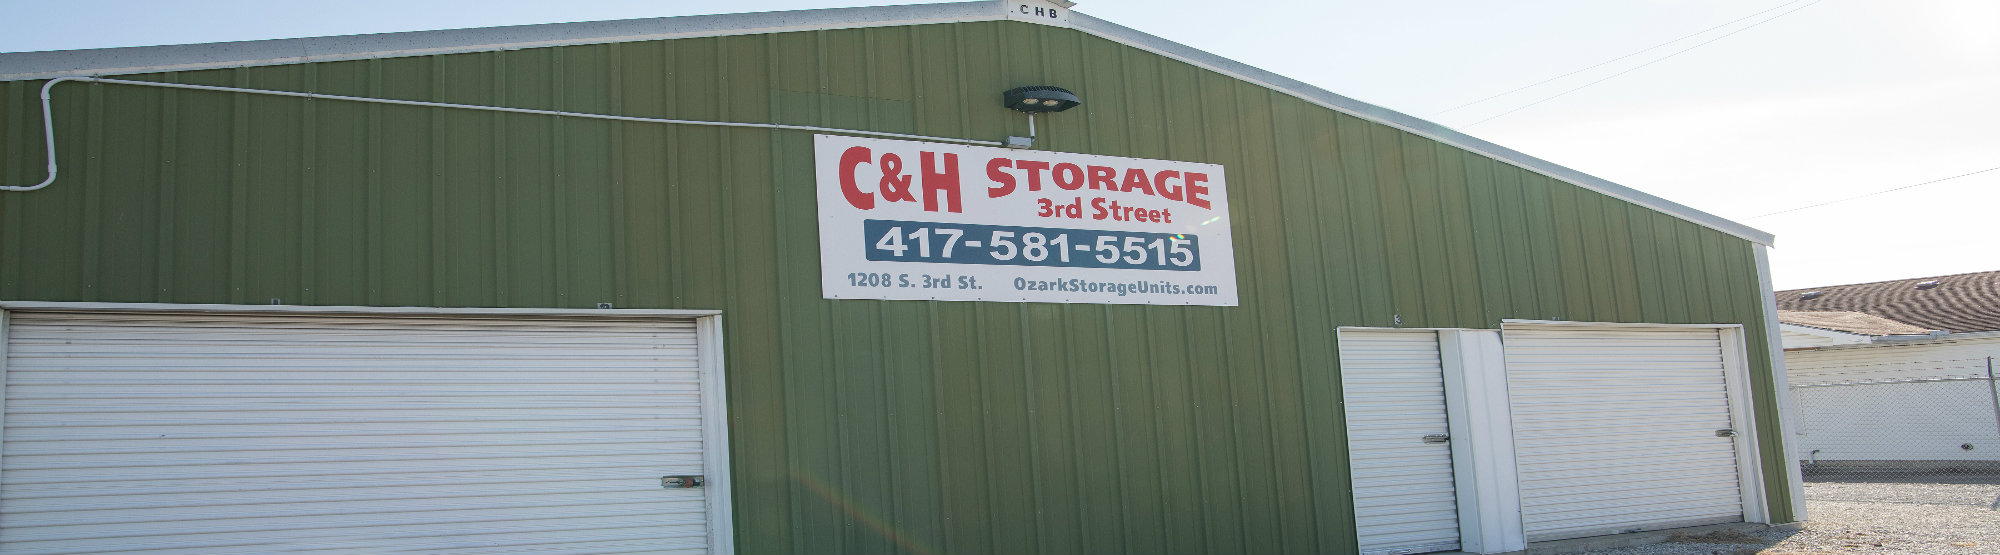 C&H Storage